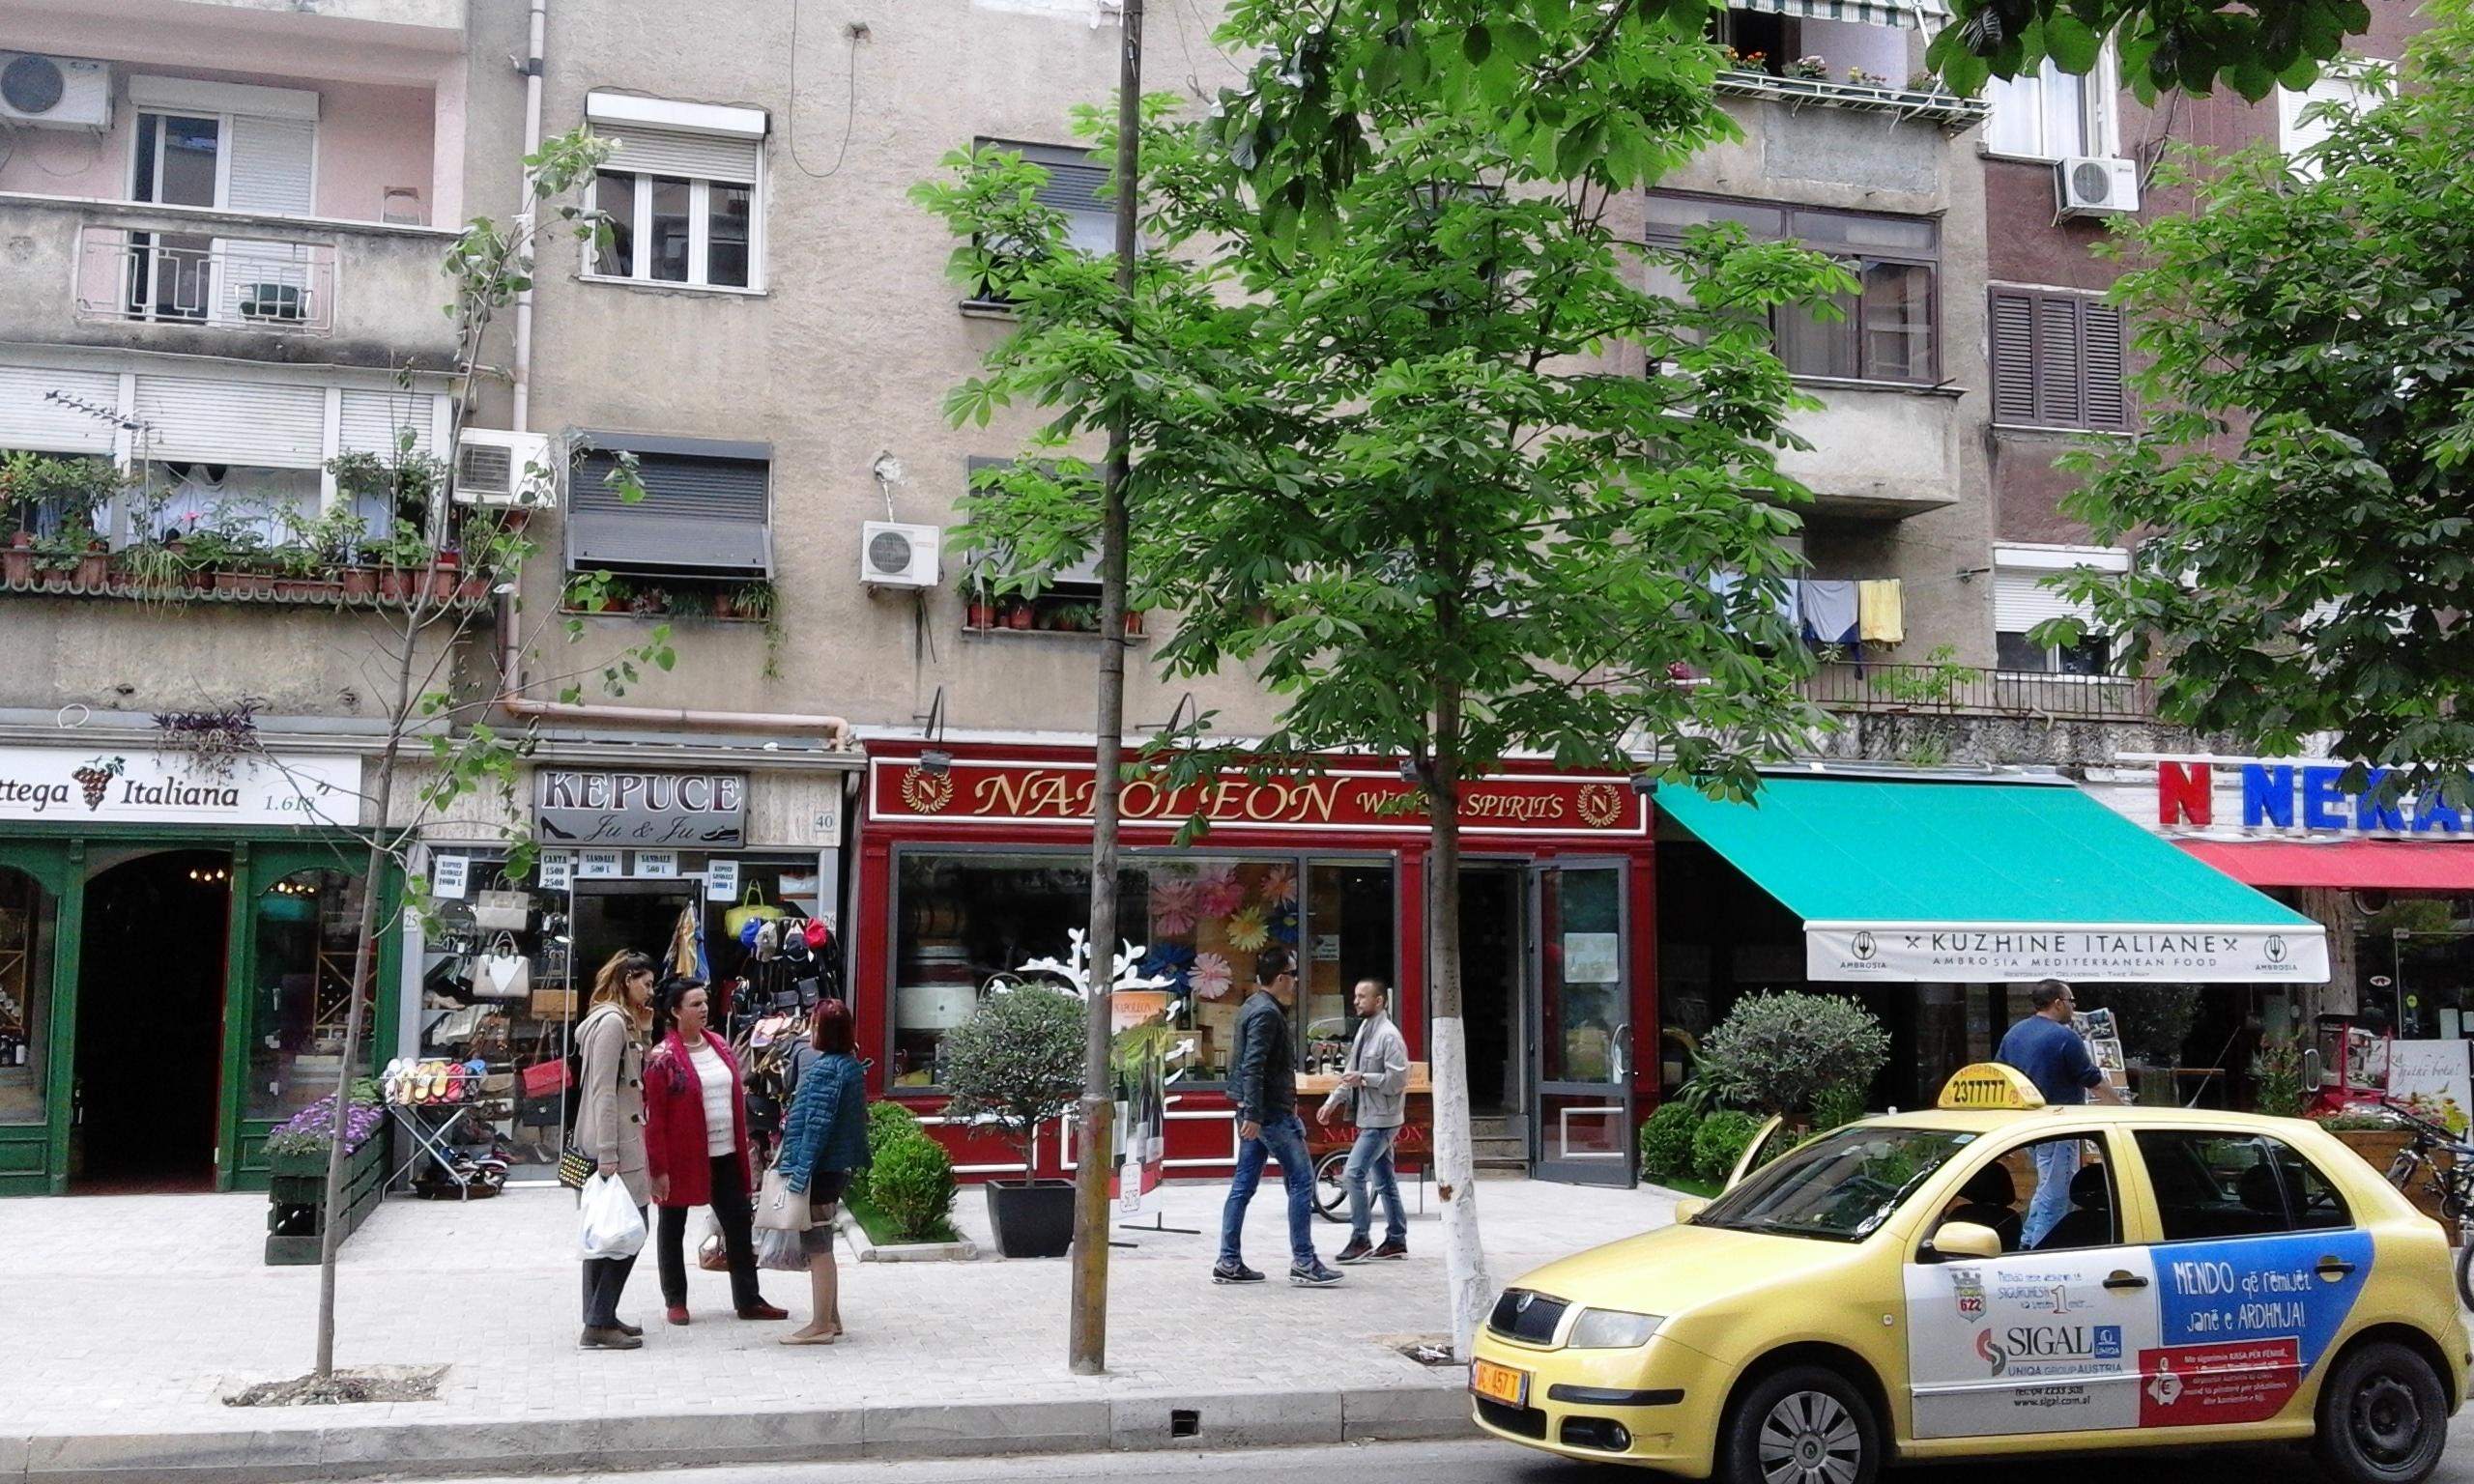 Sami Frasheri utca. A Napoleon üzlet kirakata mutatja, hogy francia termékek is kaphatók bőségesen, és megfér a francia bolt két olasz között. (Fotó: Jani haverja)